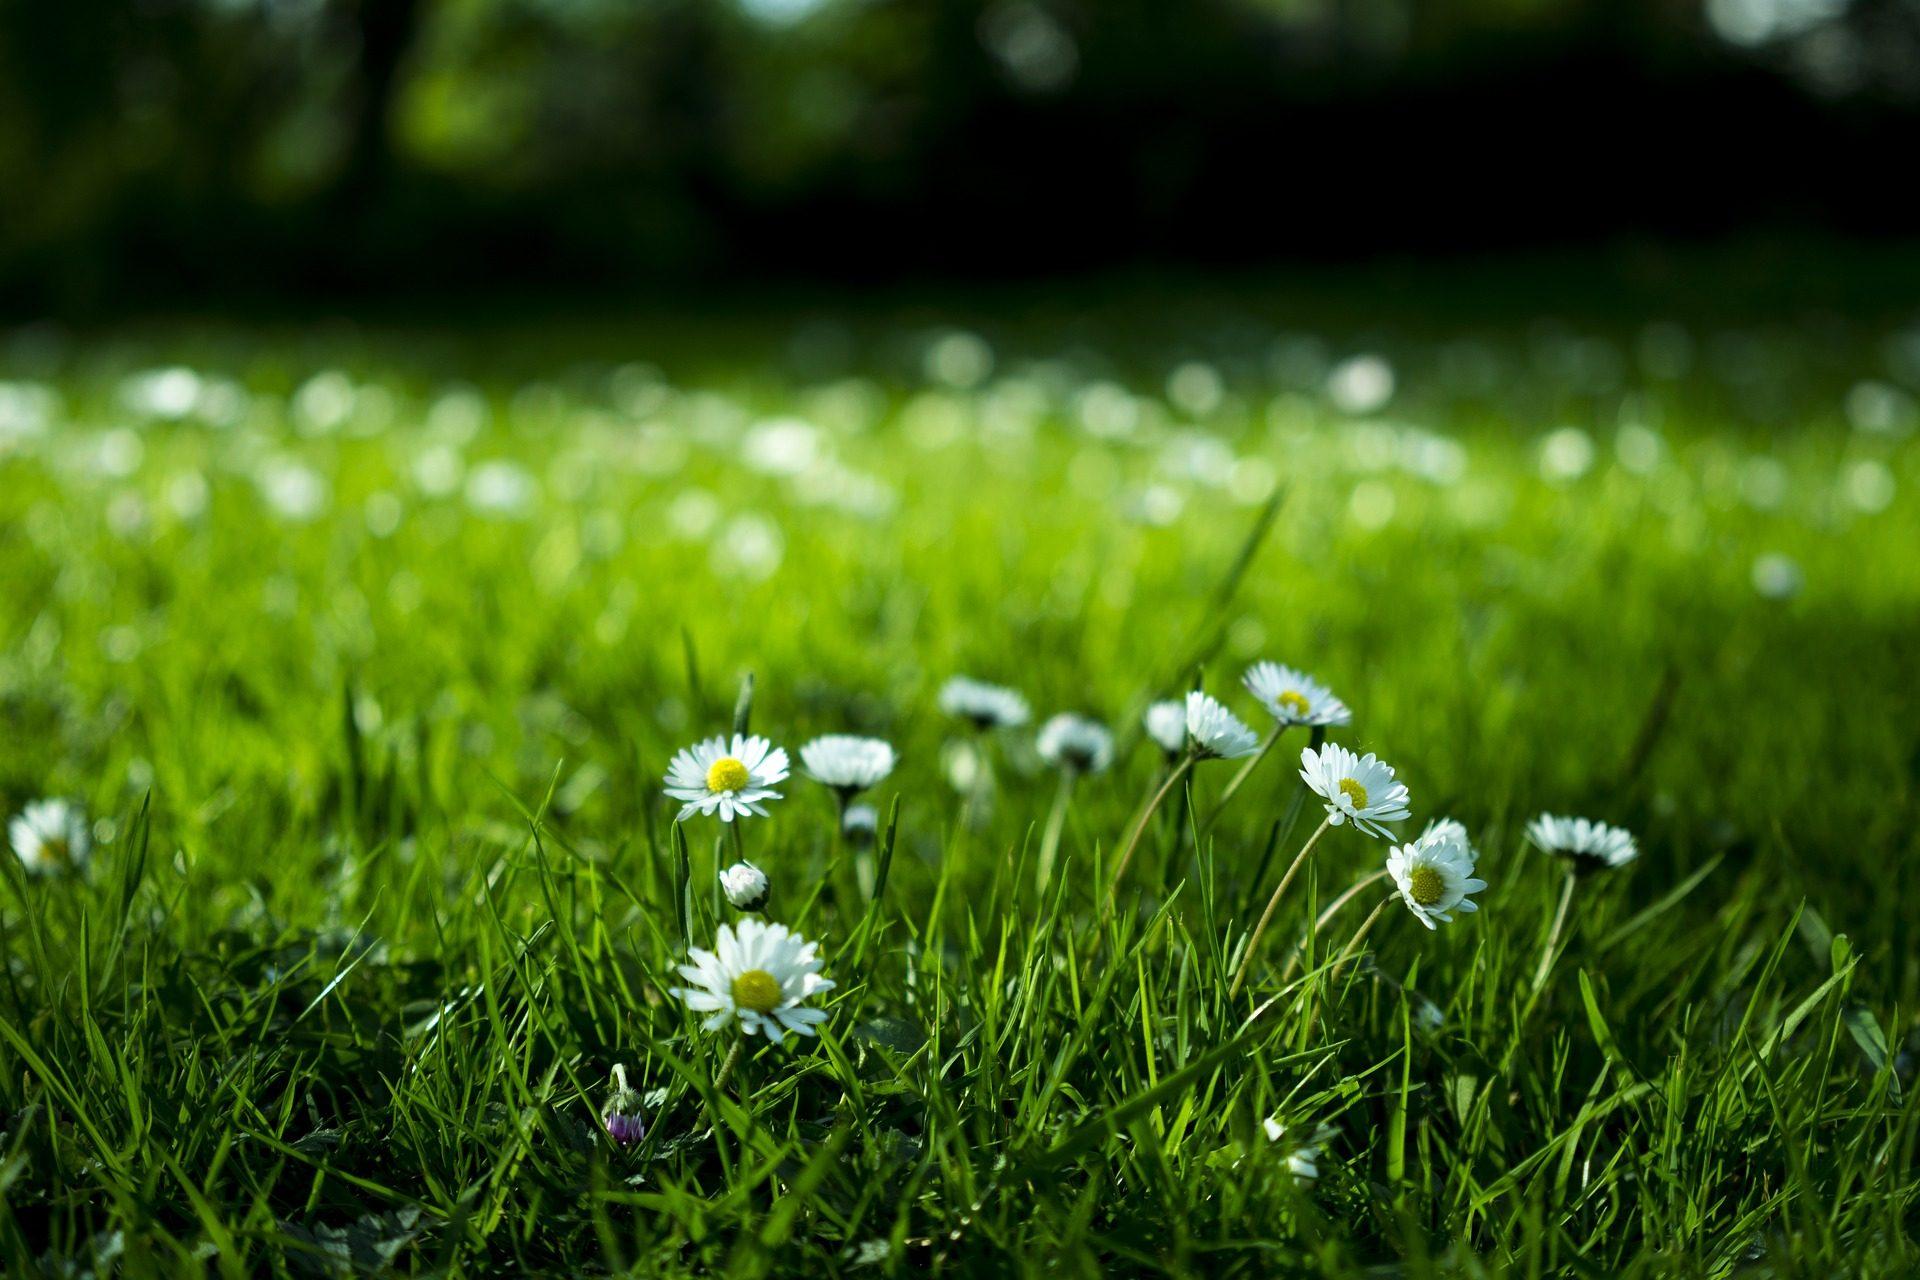 margaritas, गार्डन, घास, फूल, संयंत्रों - HD वॉलपेपर - प्रोफेसर-falken.com